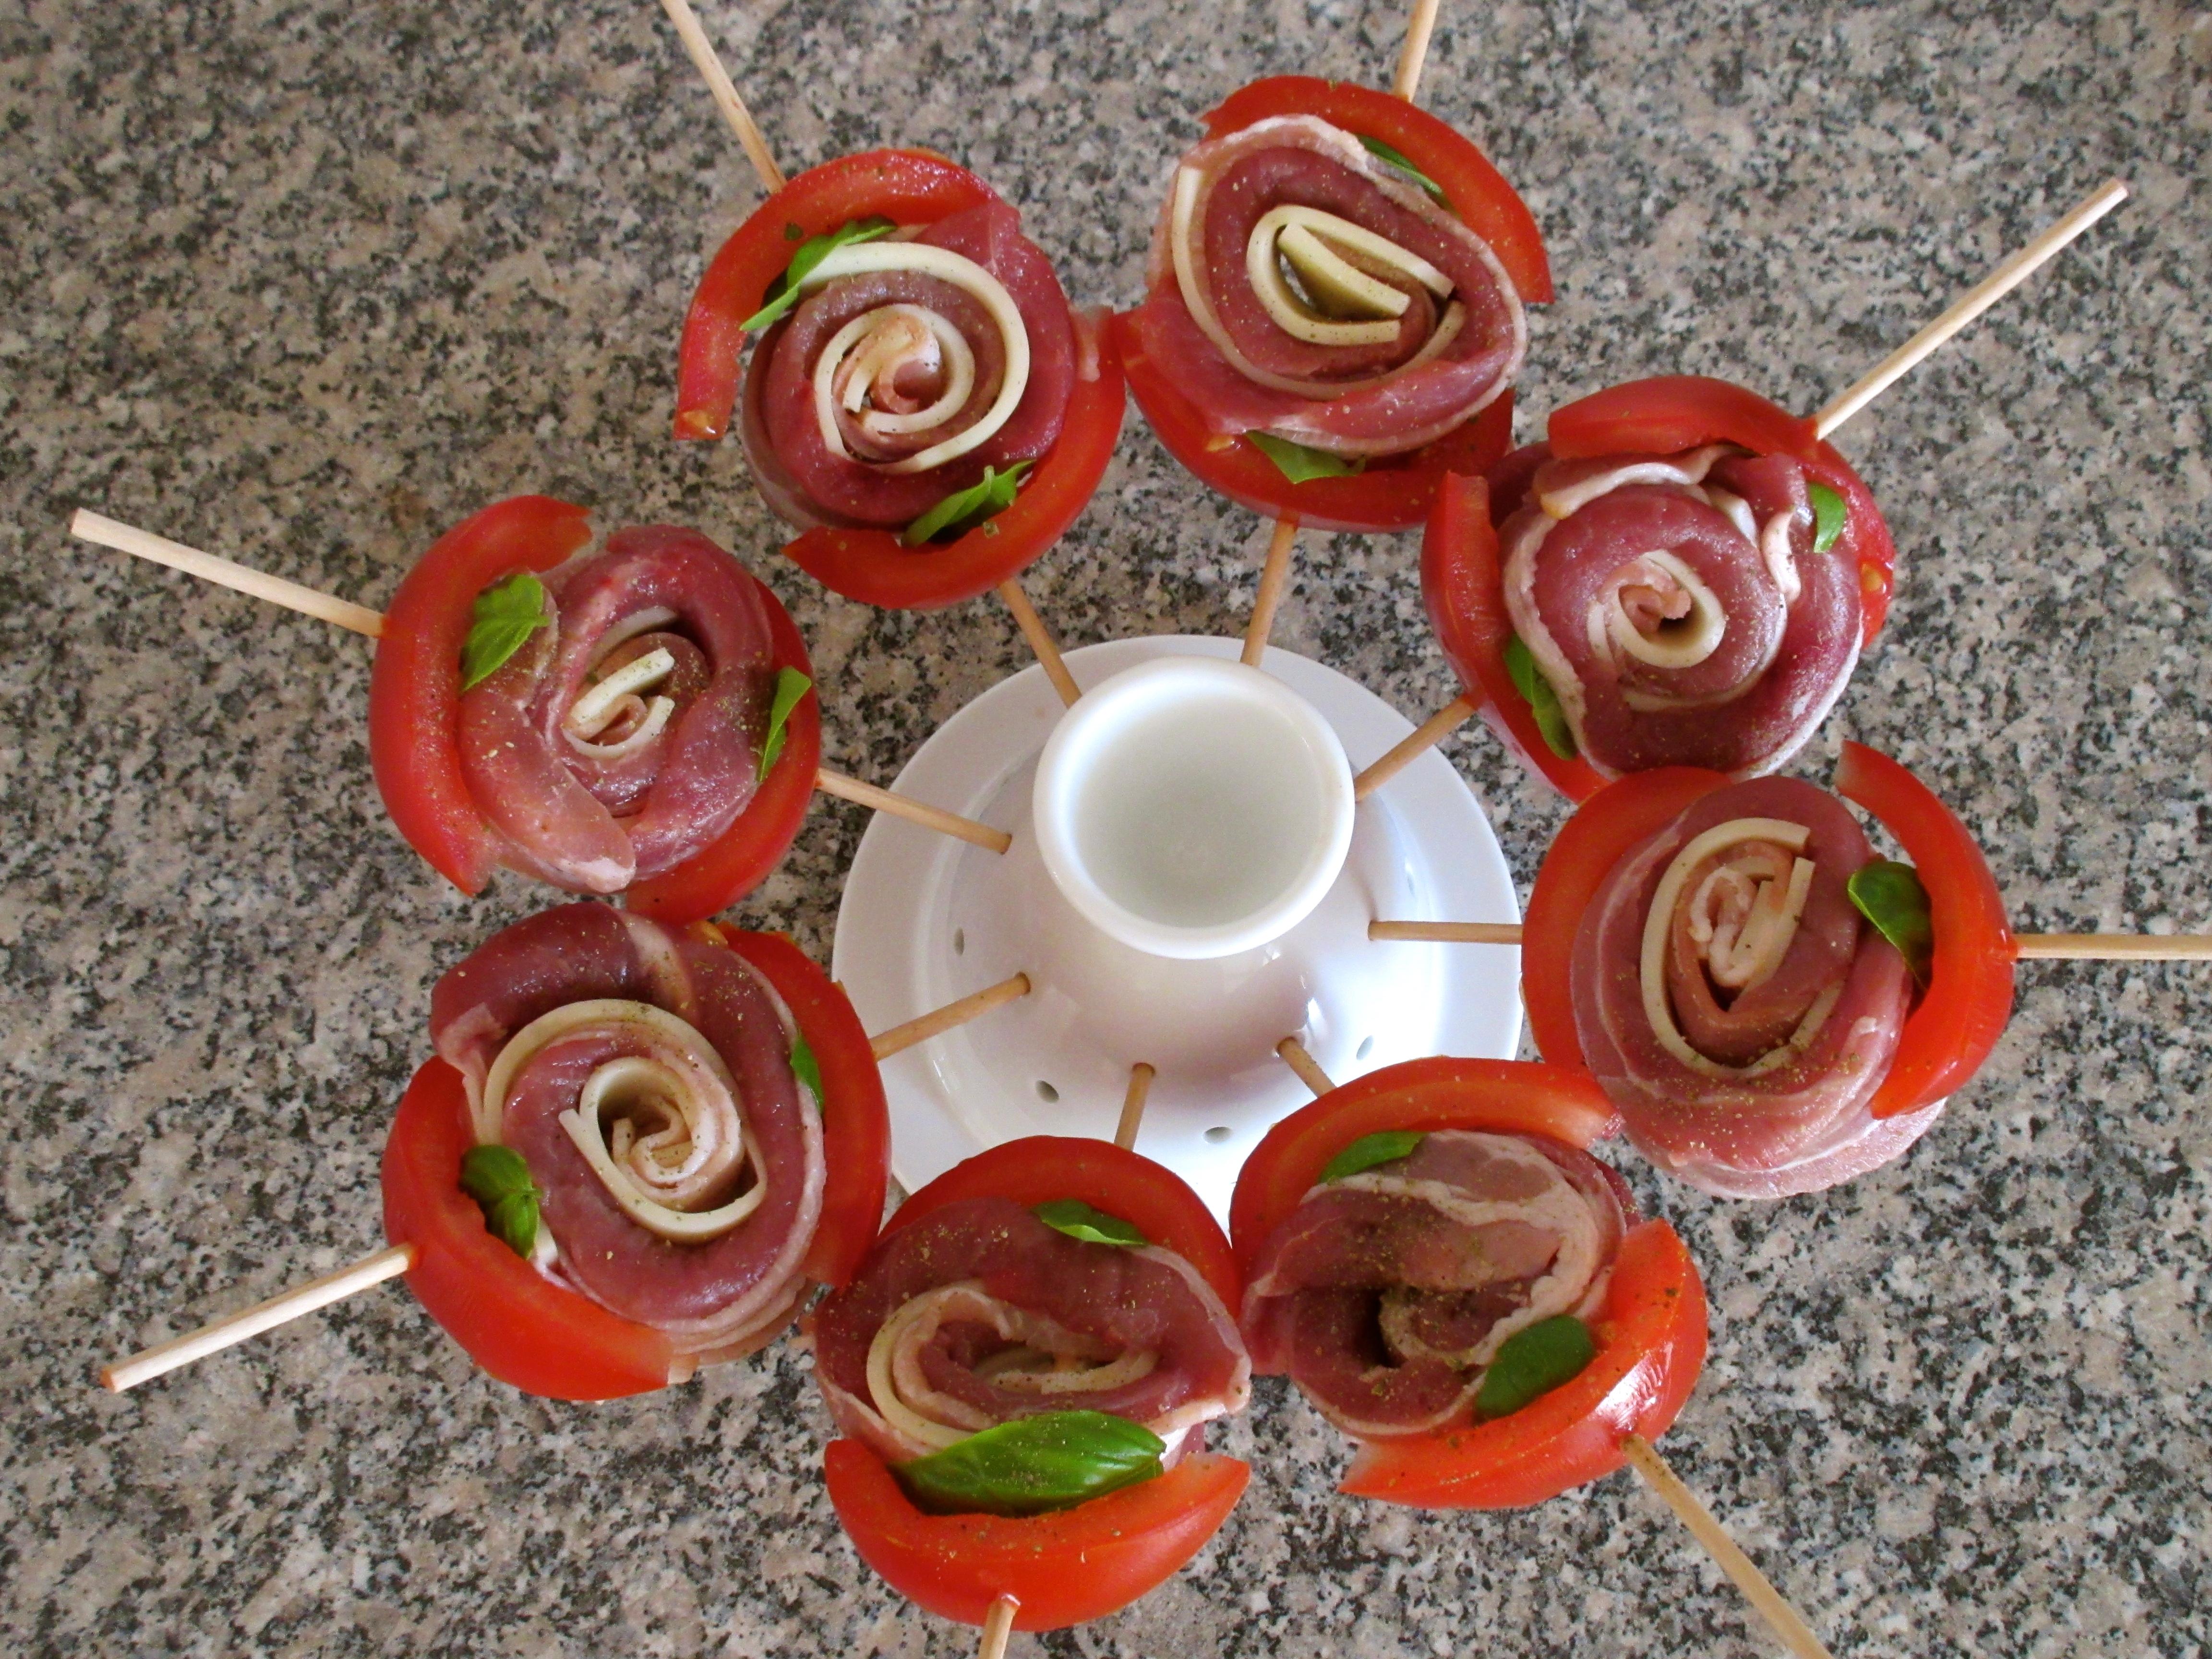 Aiguillettes de canard roul es au lard et l emmental diet d lices recettes diet tiques - Cuisiner les aiguillettes de canard ...